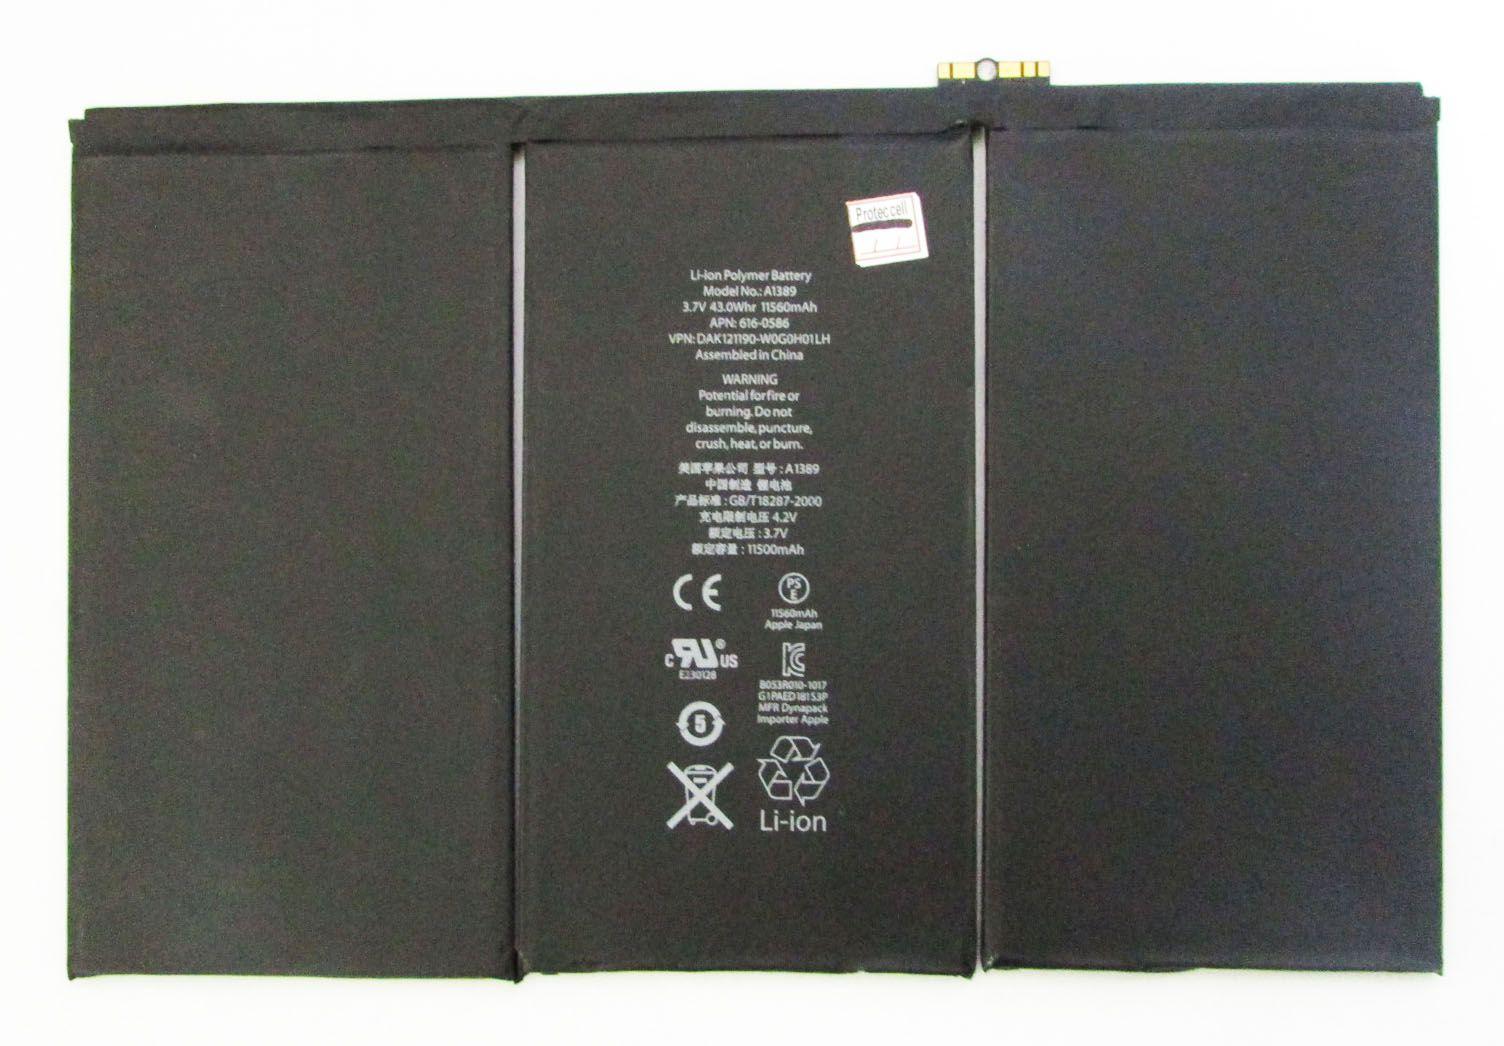 Bateria iPad 3 A1416 A1430 A1403 A1389 11560mah (semi novo)